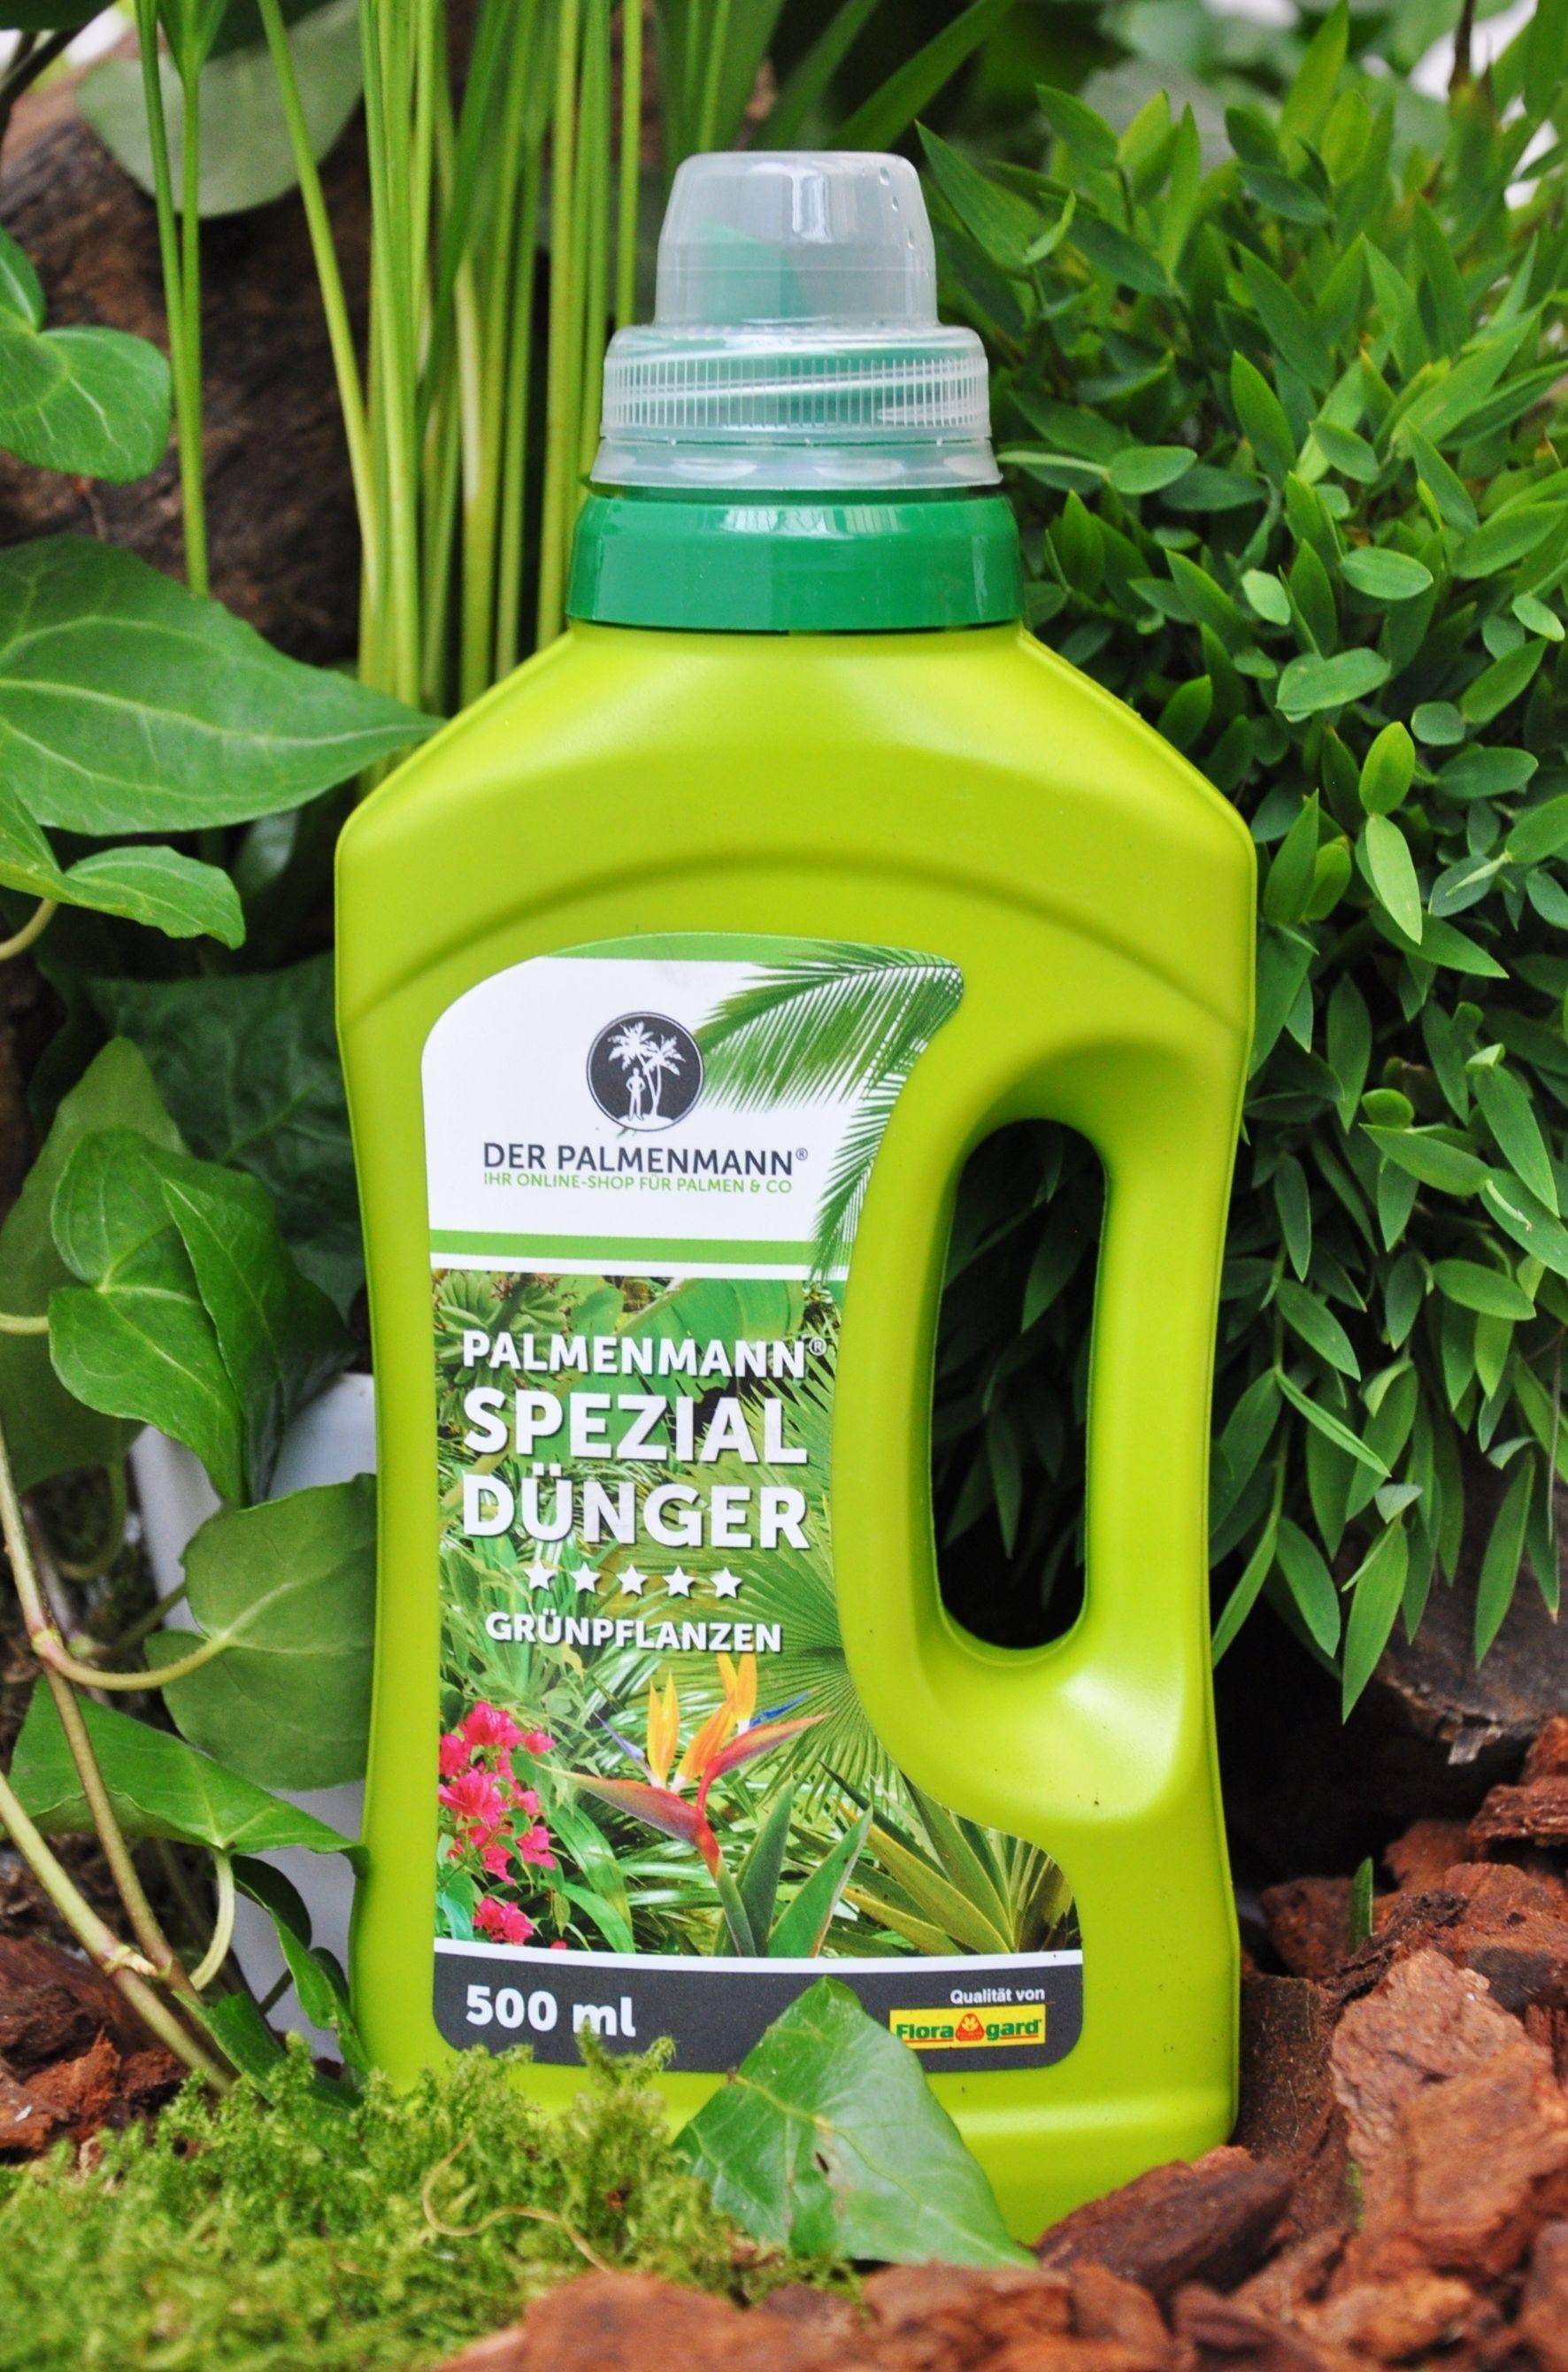 Palmenmann Spezialdunger Fur Grunpflanzen